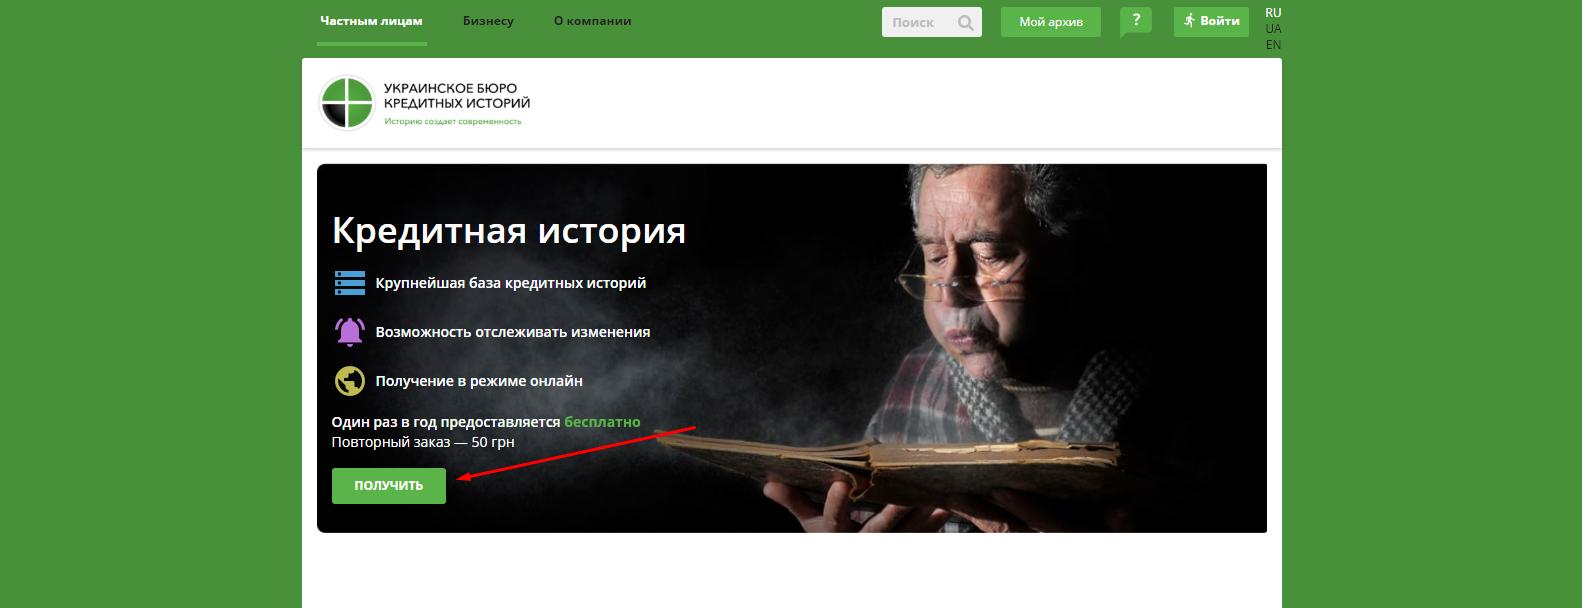 Большая зелёная кнопка